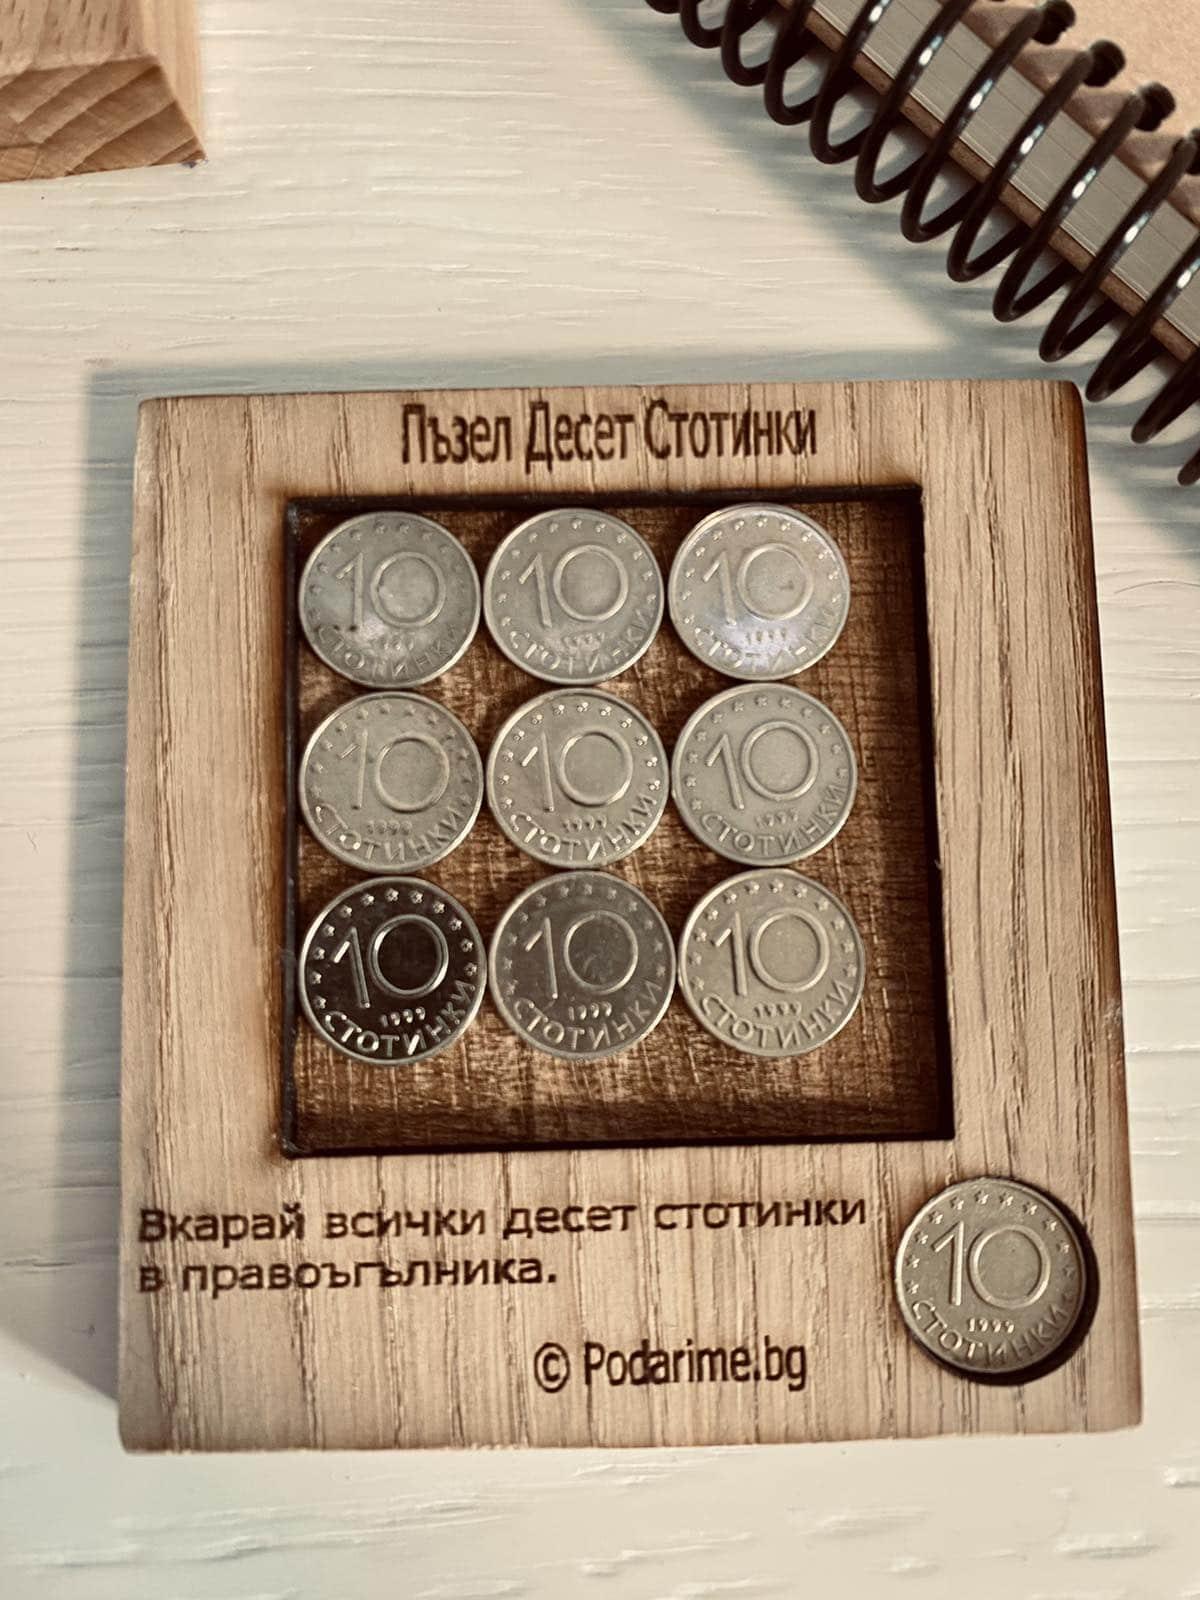 10 стотинки пъзел